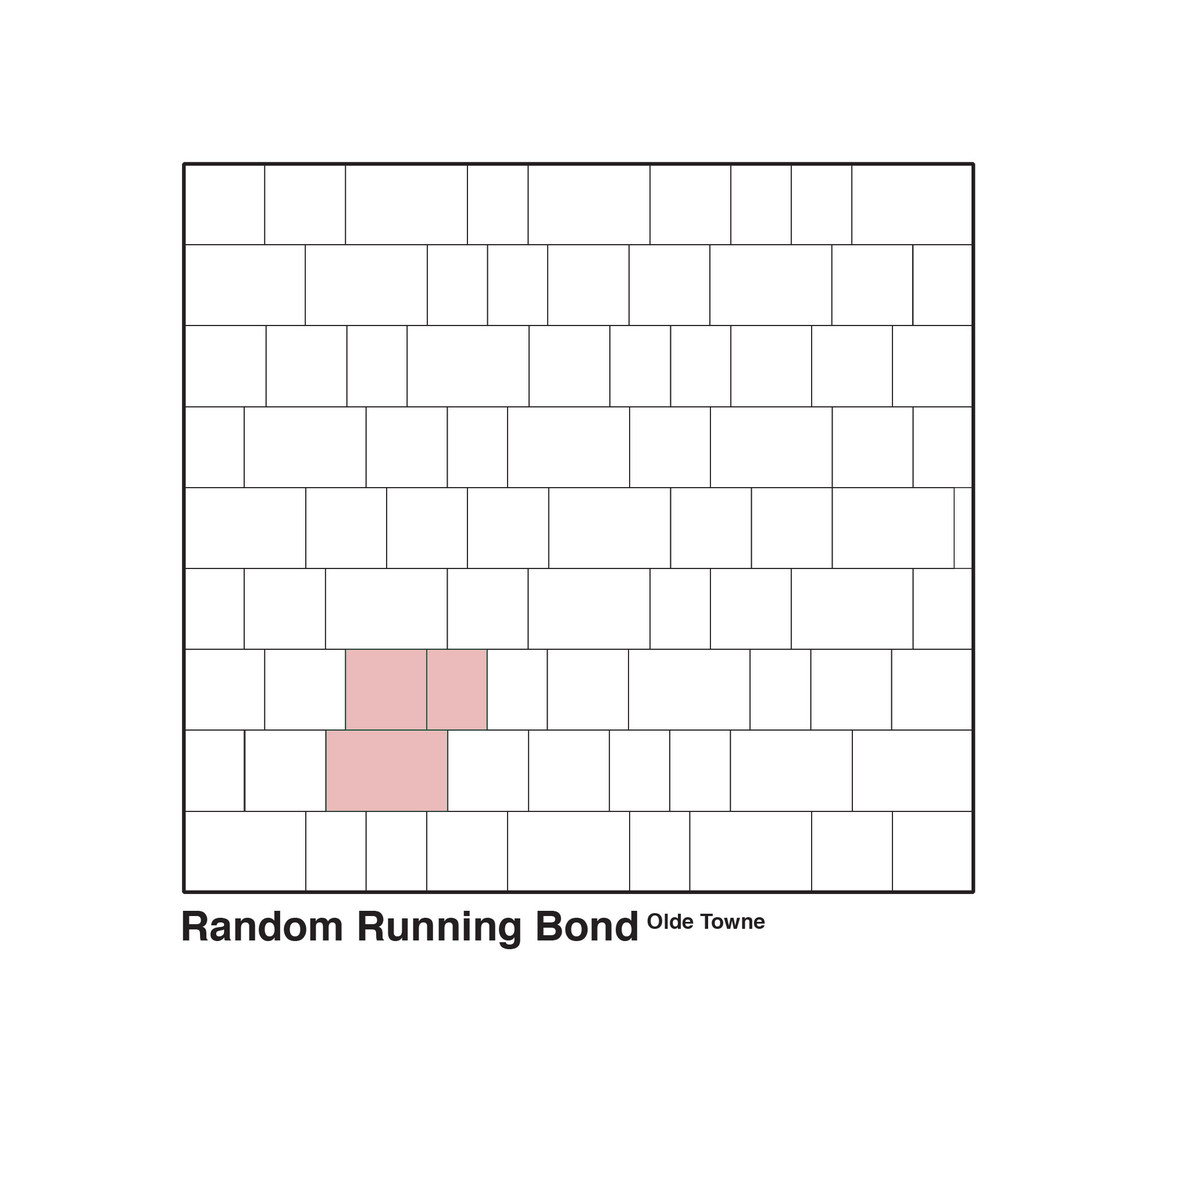 Random Running Bond